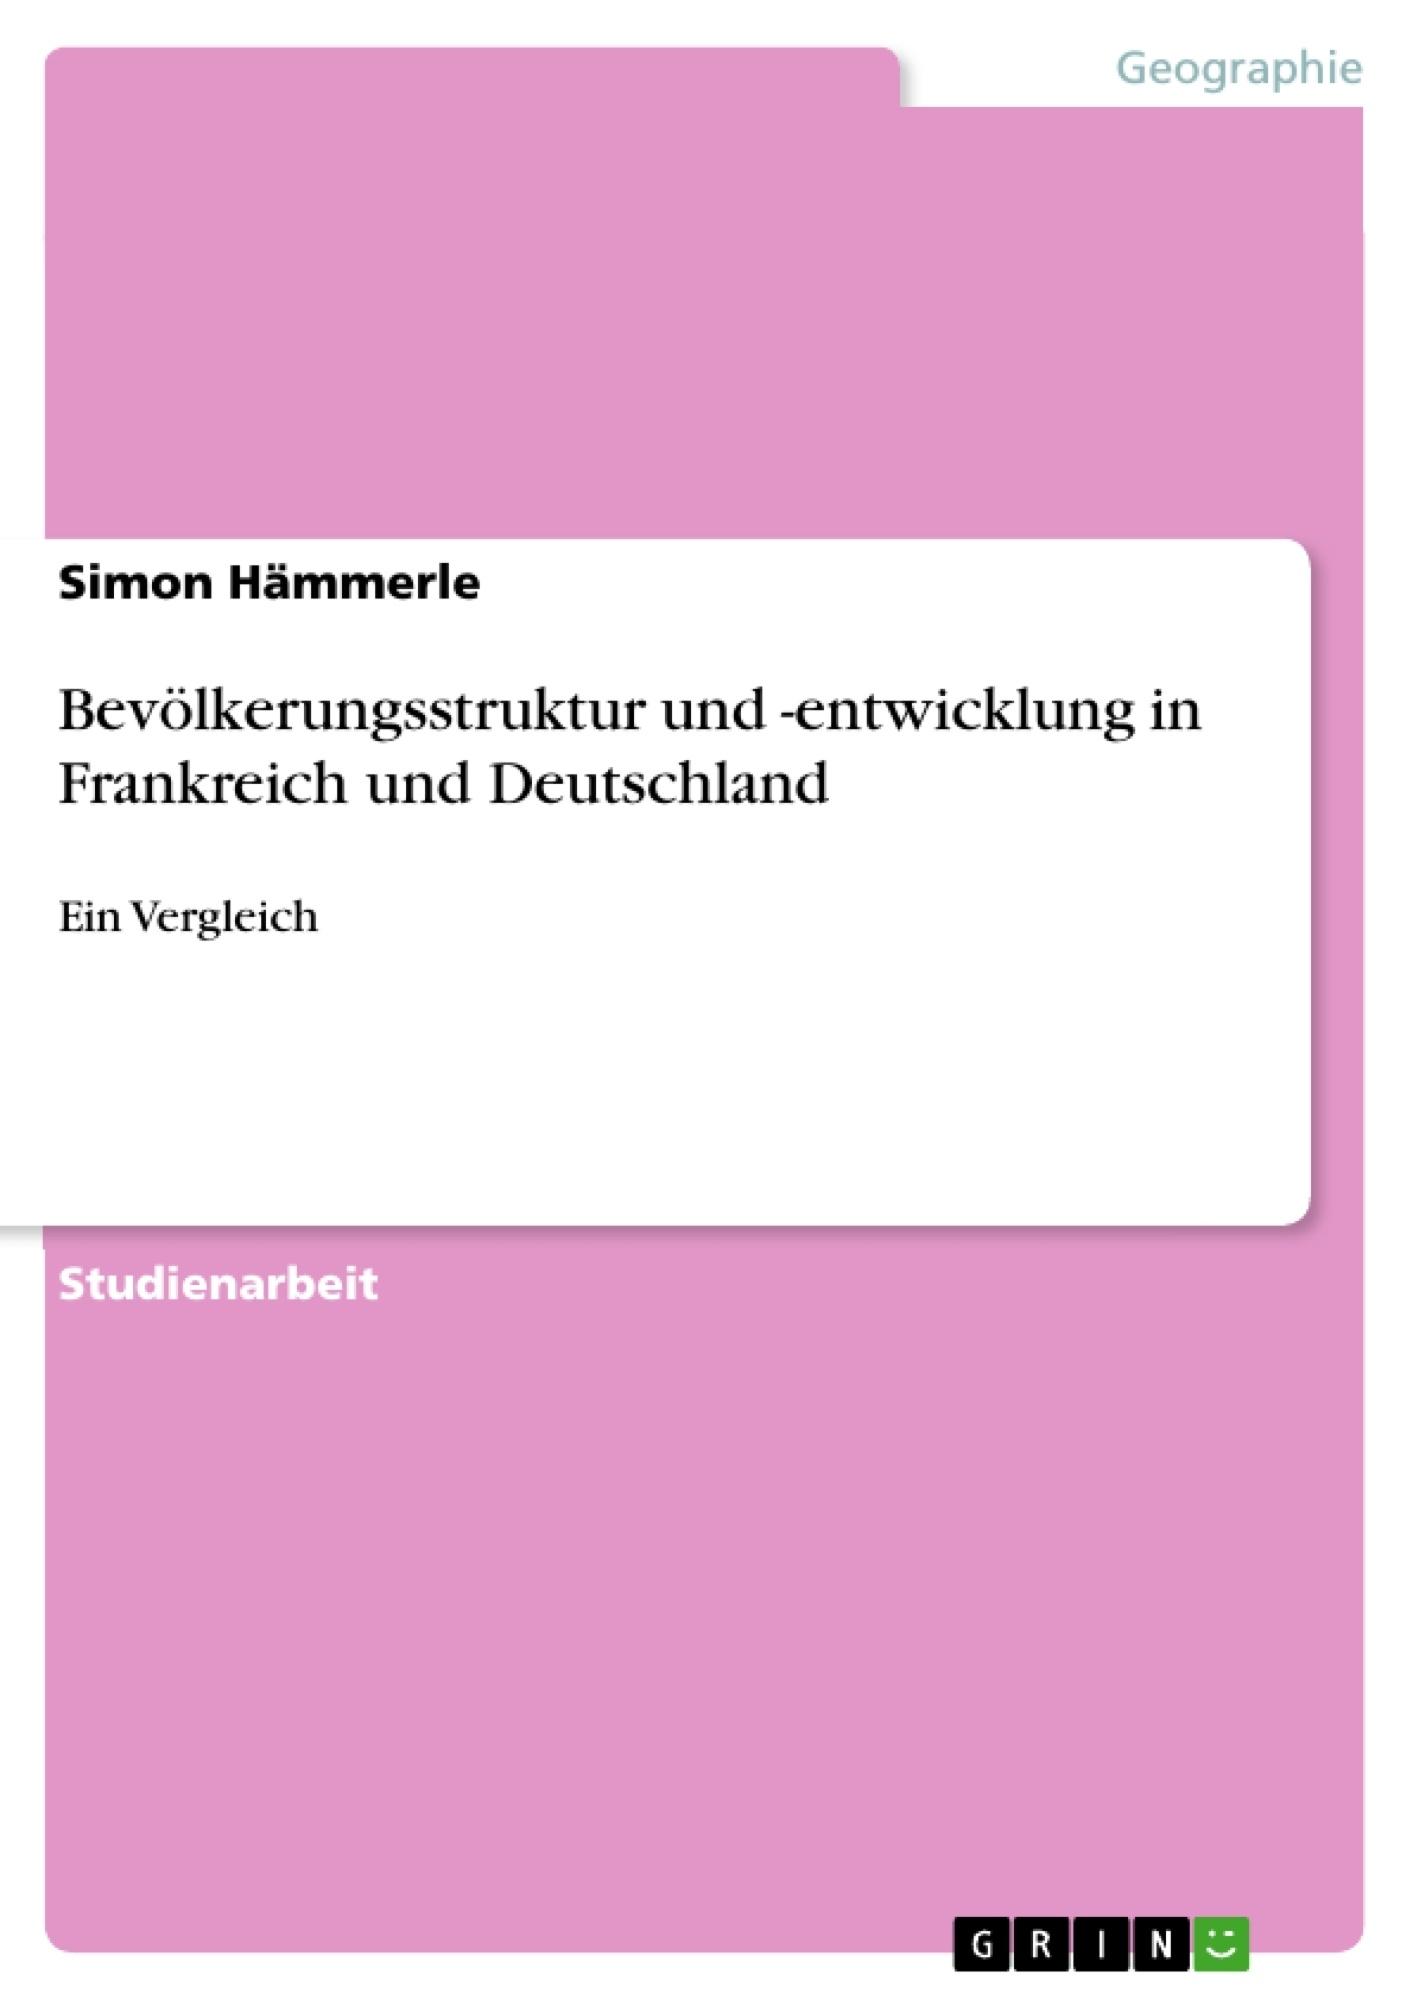 Titel: Bevölkerungsstruktur und -entwicklung in Frankreich und Deutschland